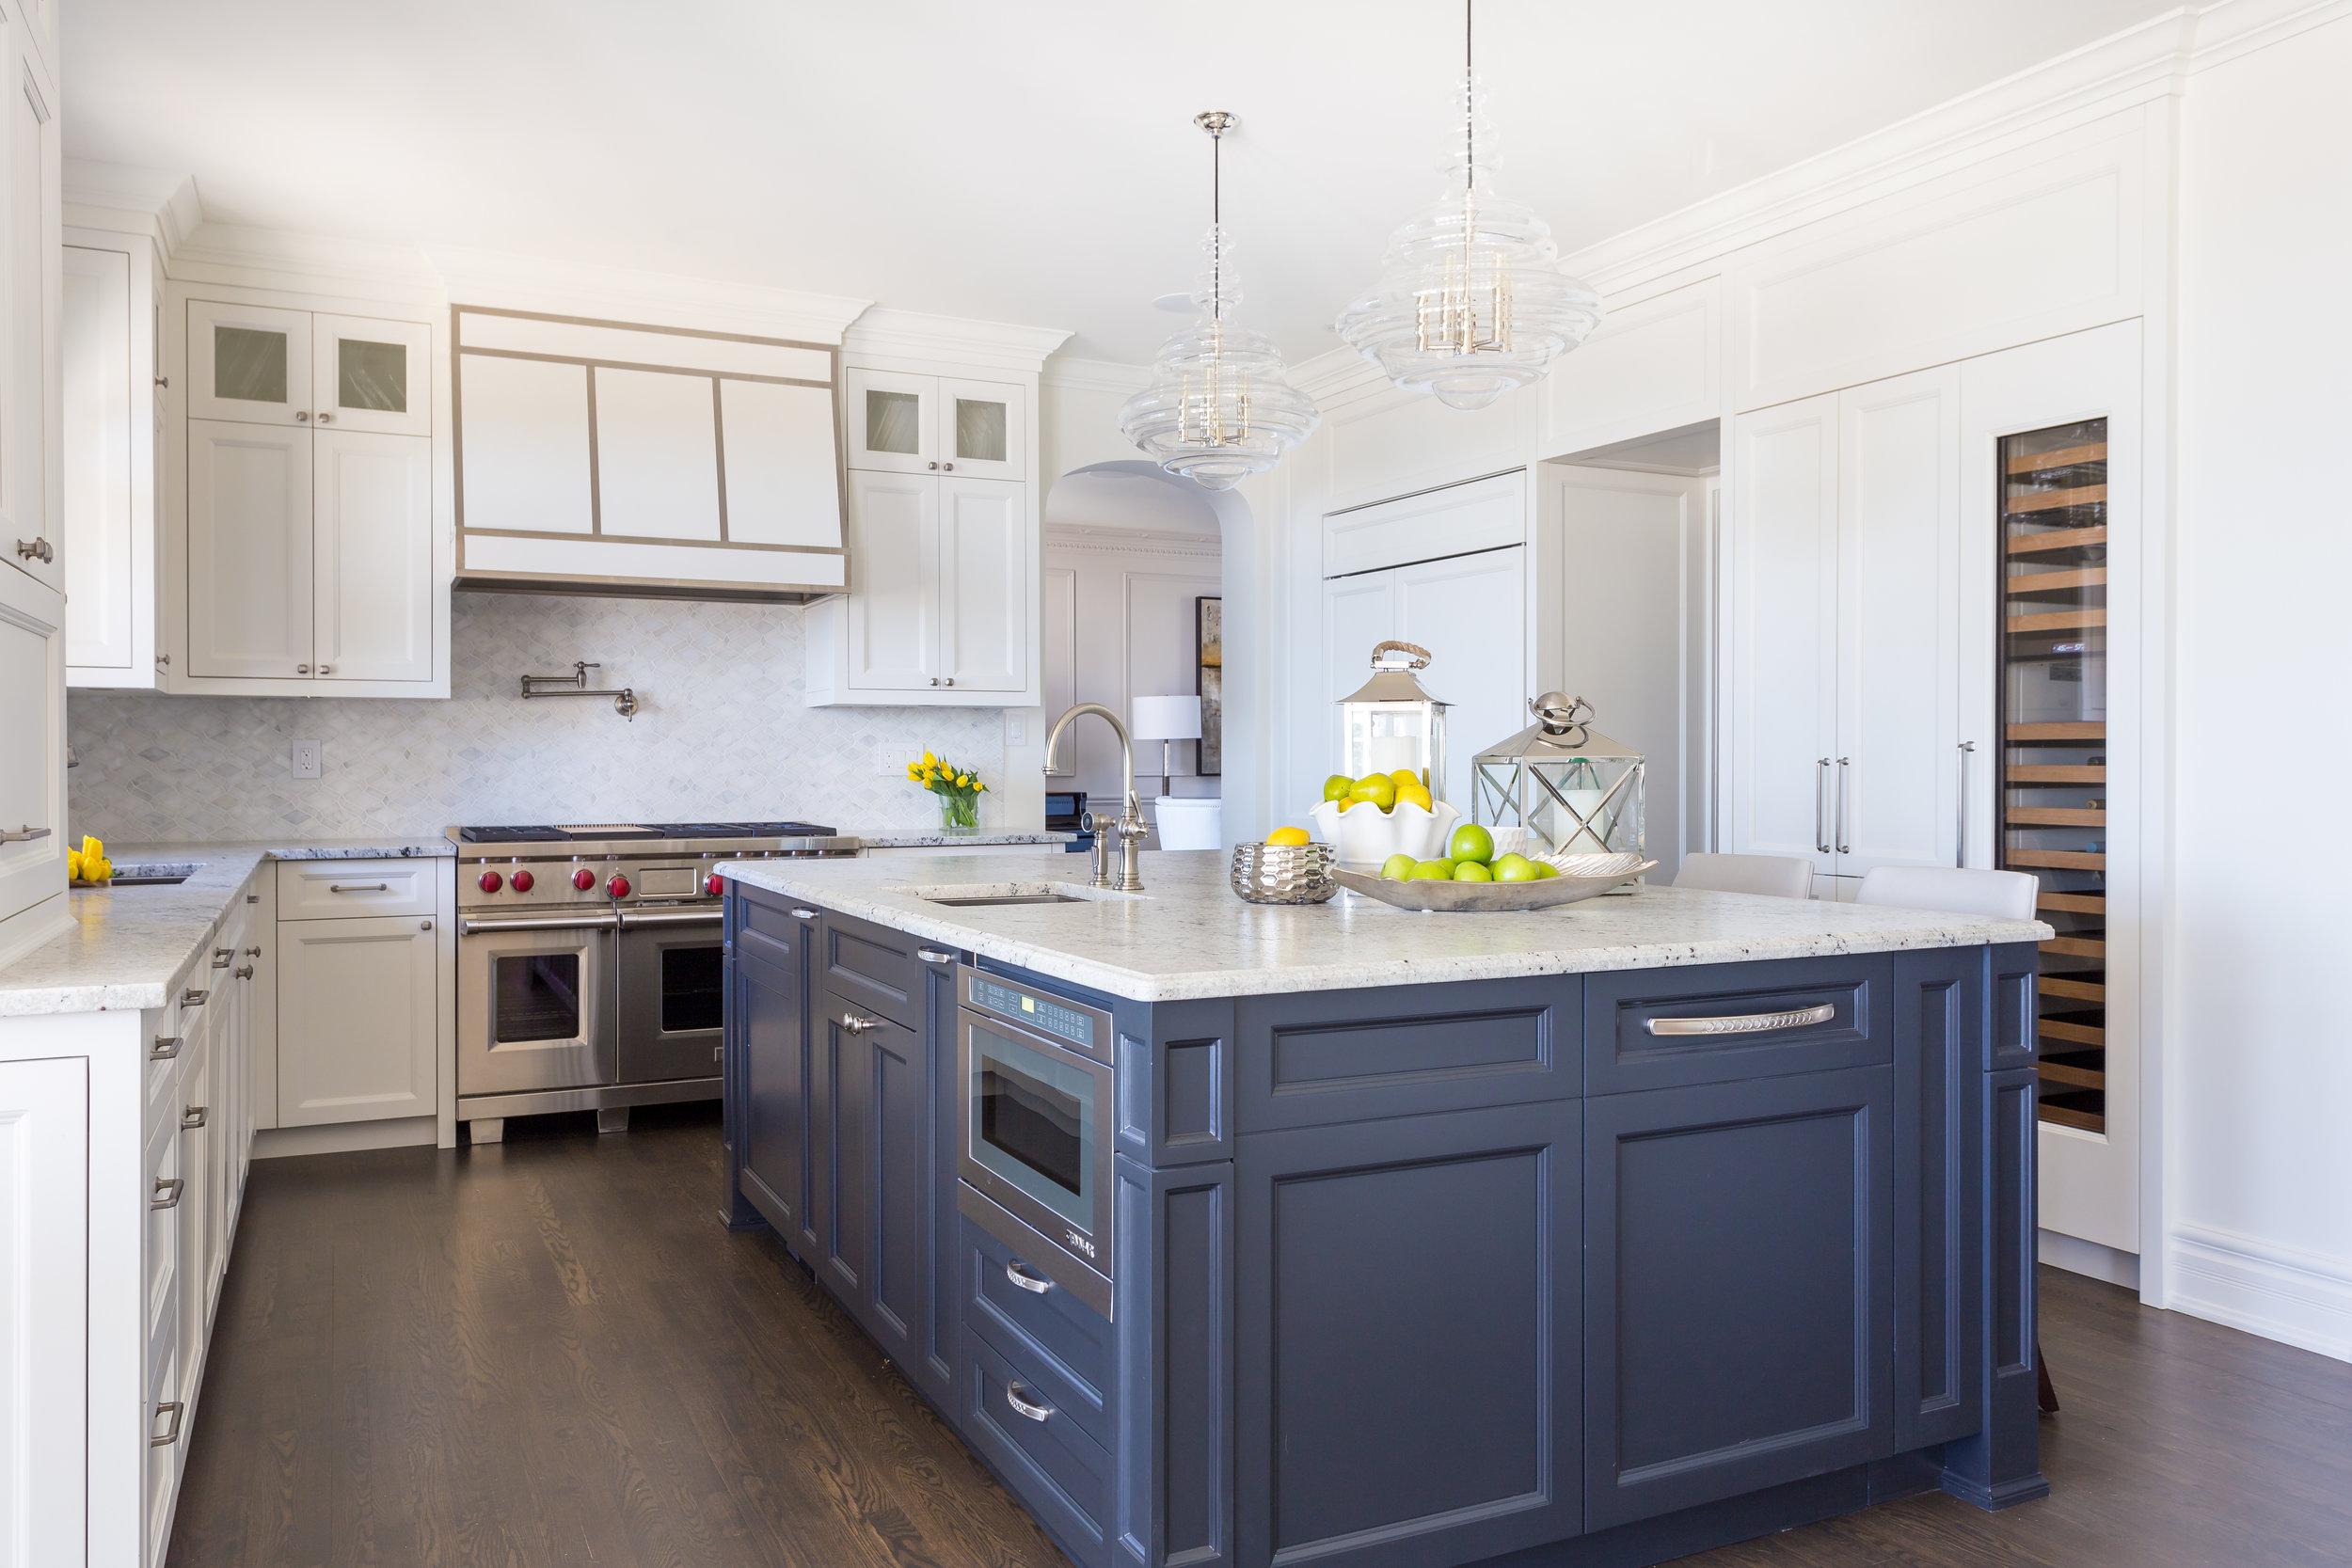 oakville-interior design-kitchen-robson hallford